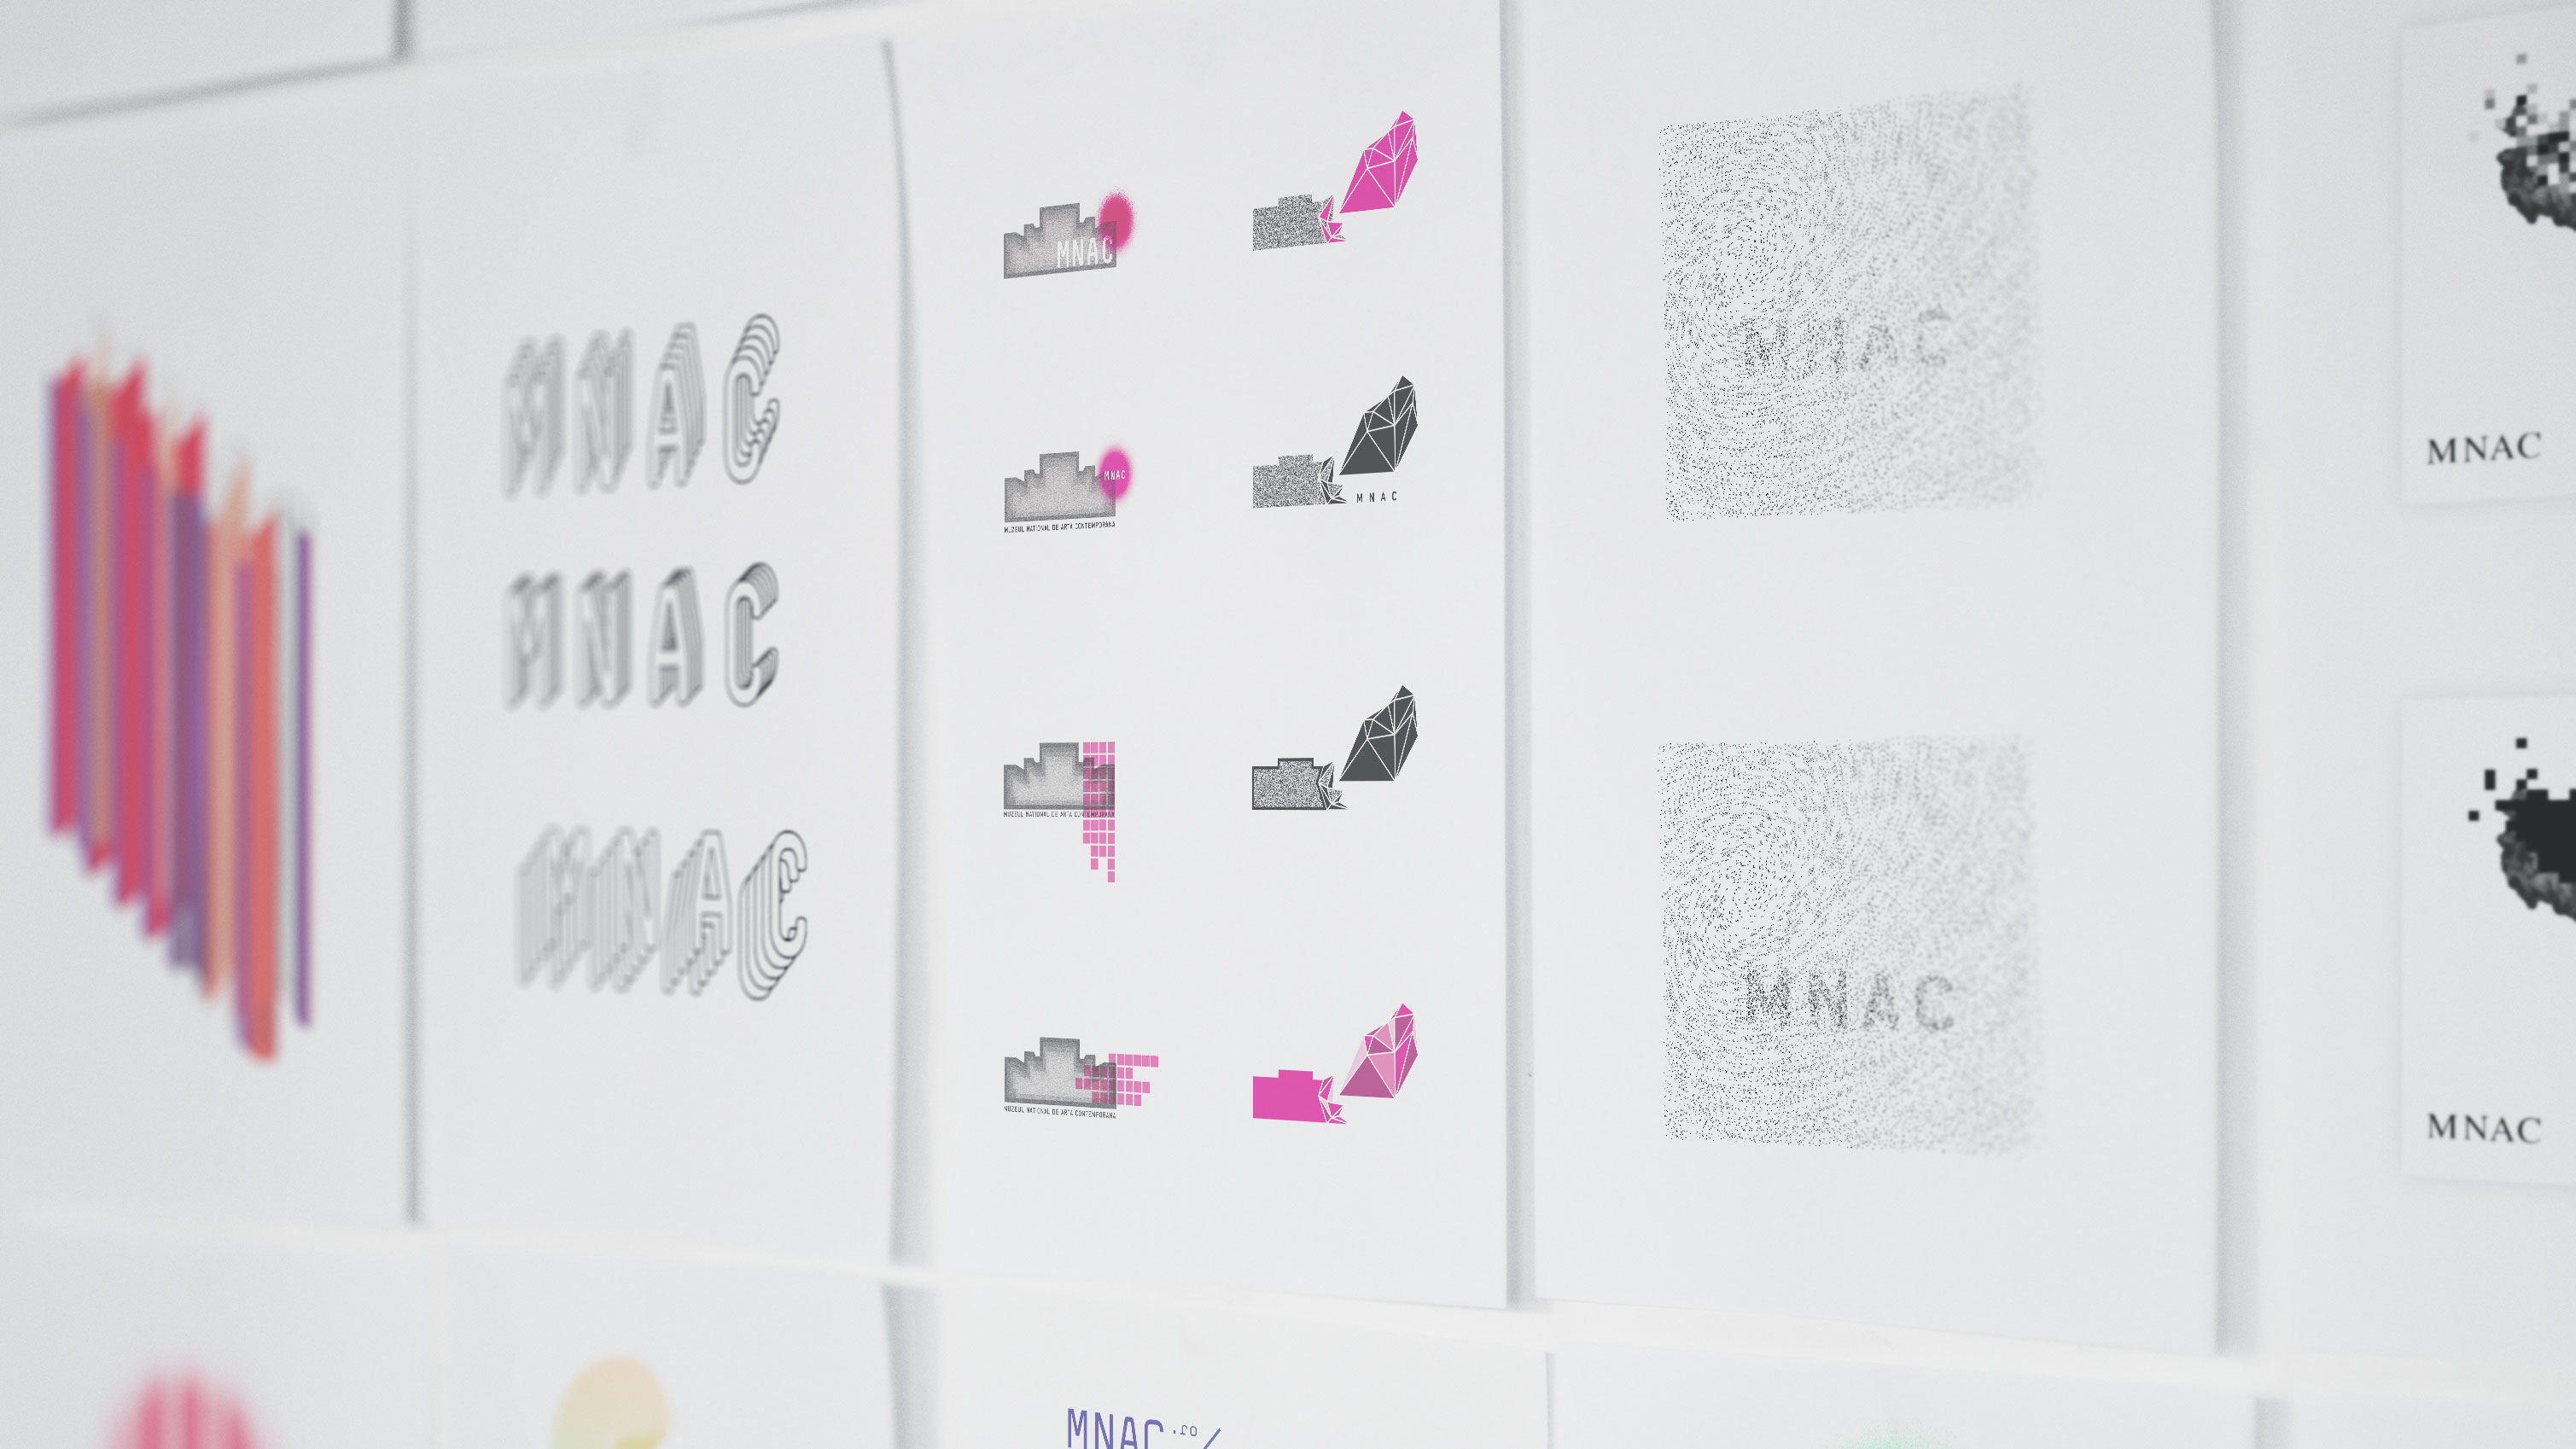 mehrere an die Wand geklebte Ausdrucke von verschiedenen Logo-Entwürfen